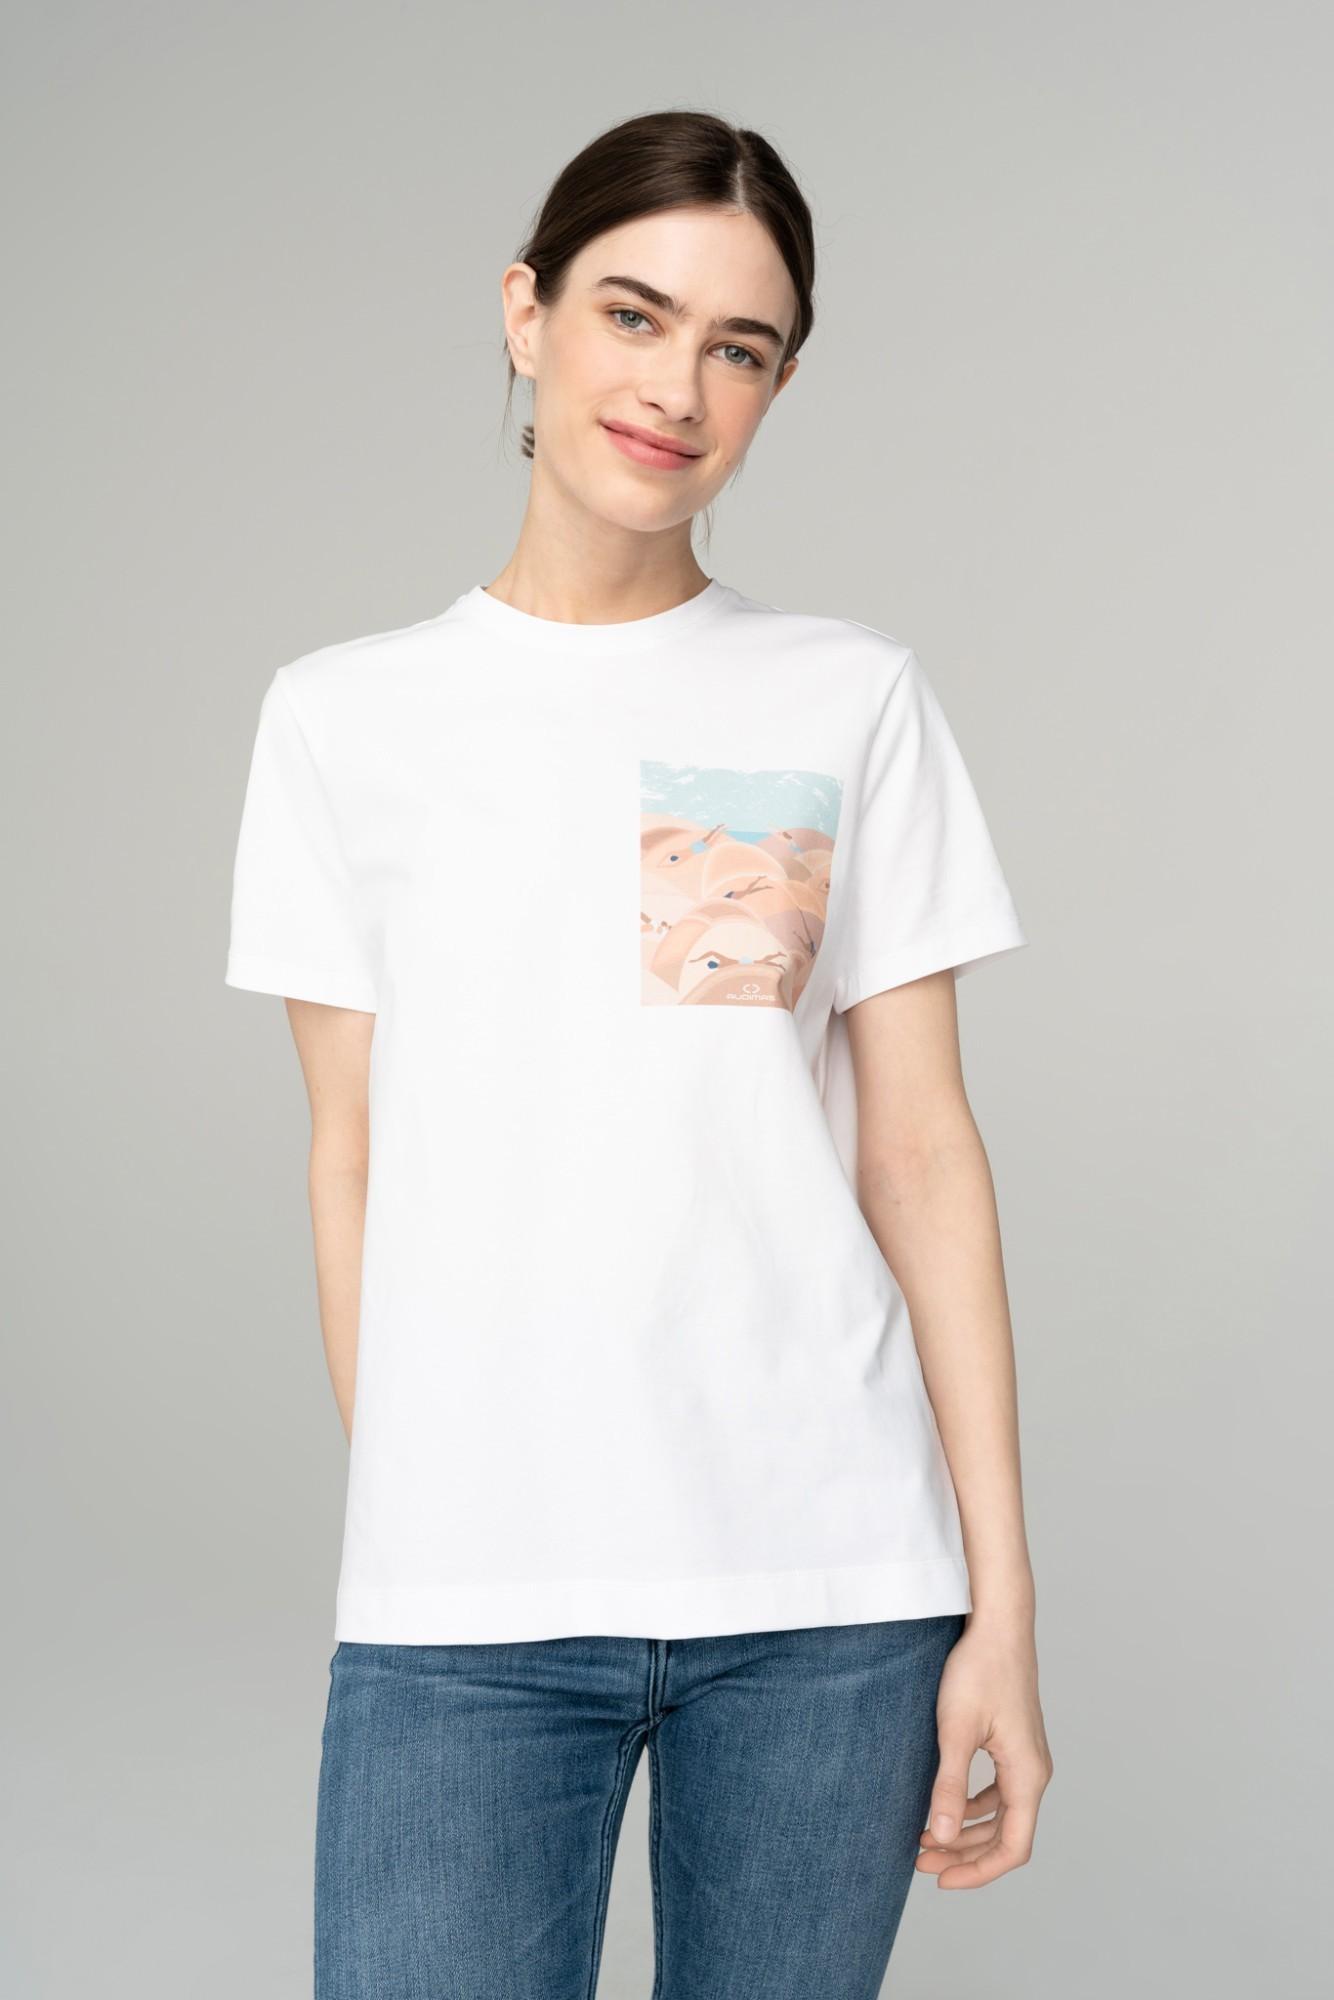 AUDIMAS Marginti medvilniniai marškinėl. 2111-252 White Printed 2 XS